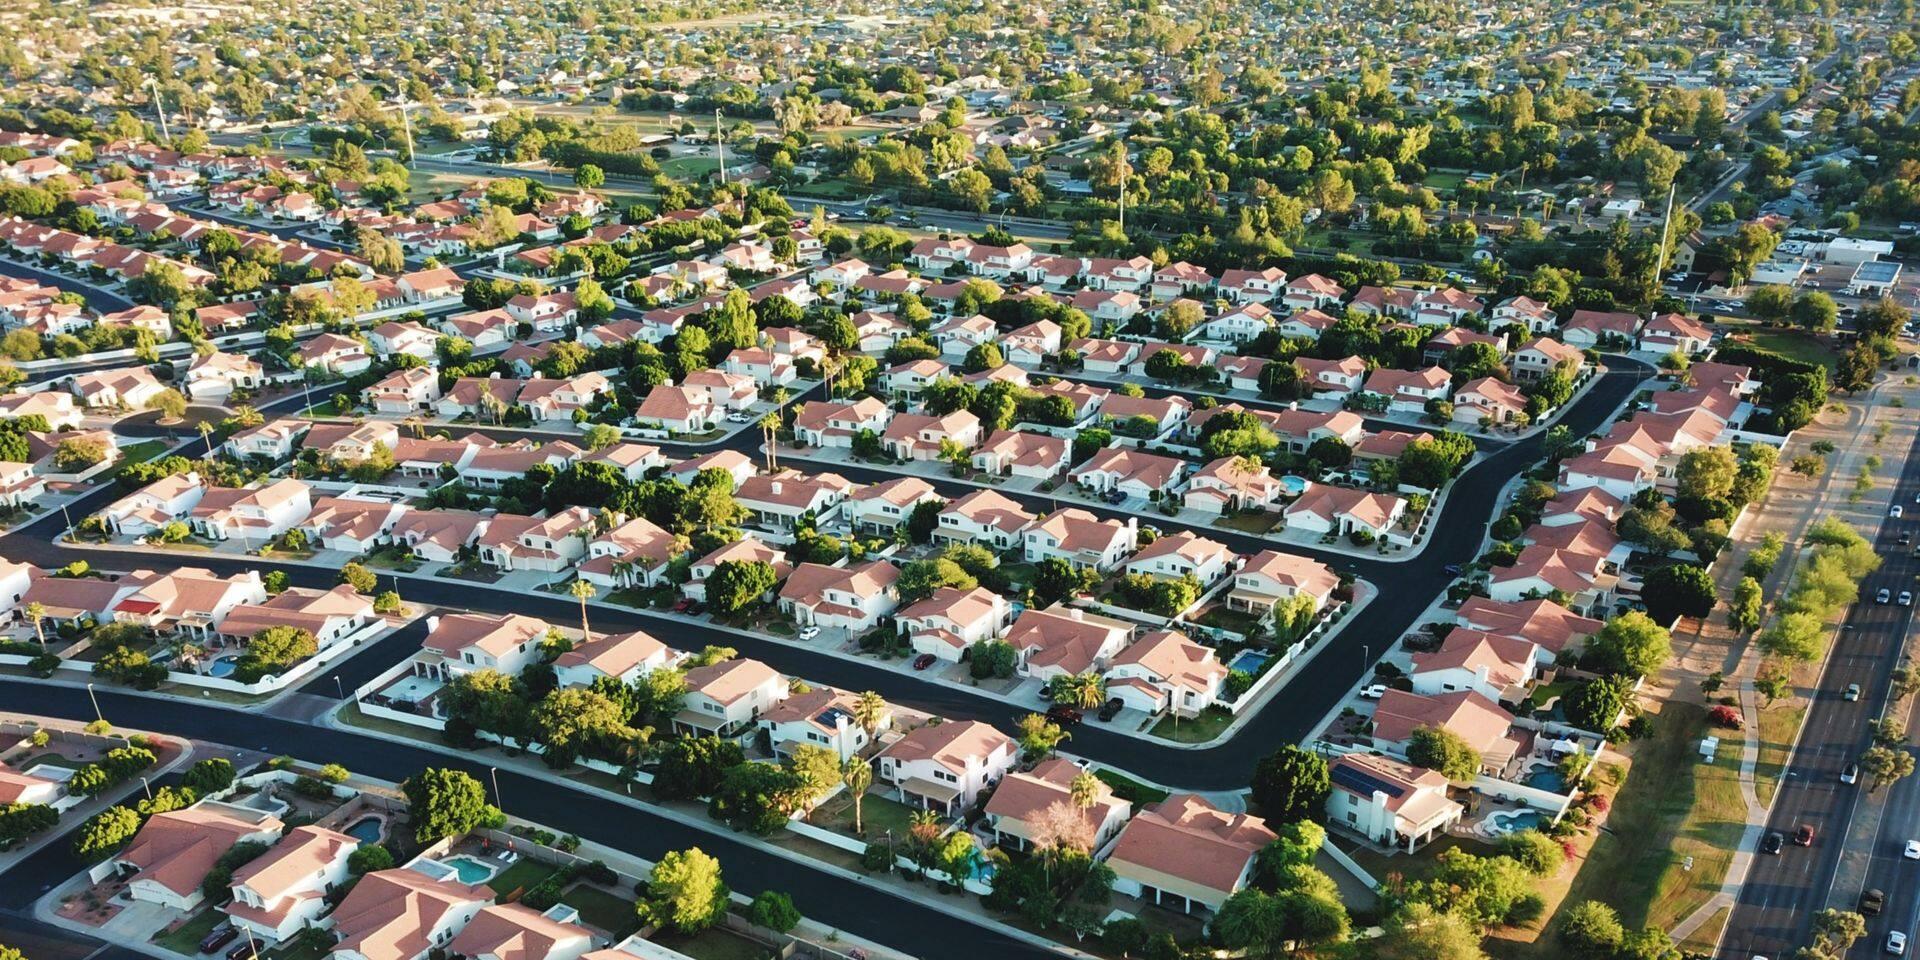 """Les démocrates vont-ils """"ruiner les banlieues"""" comme l'affirme Donald Trump ?"""